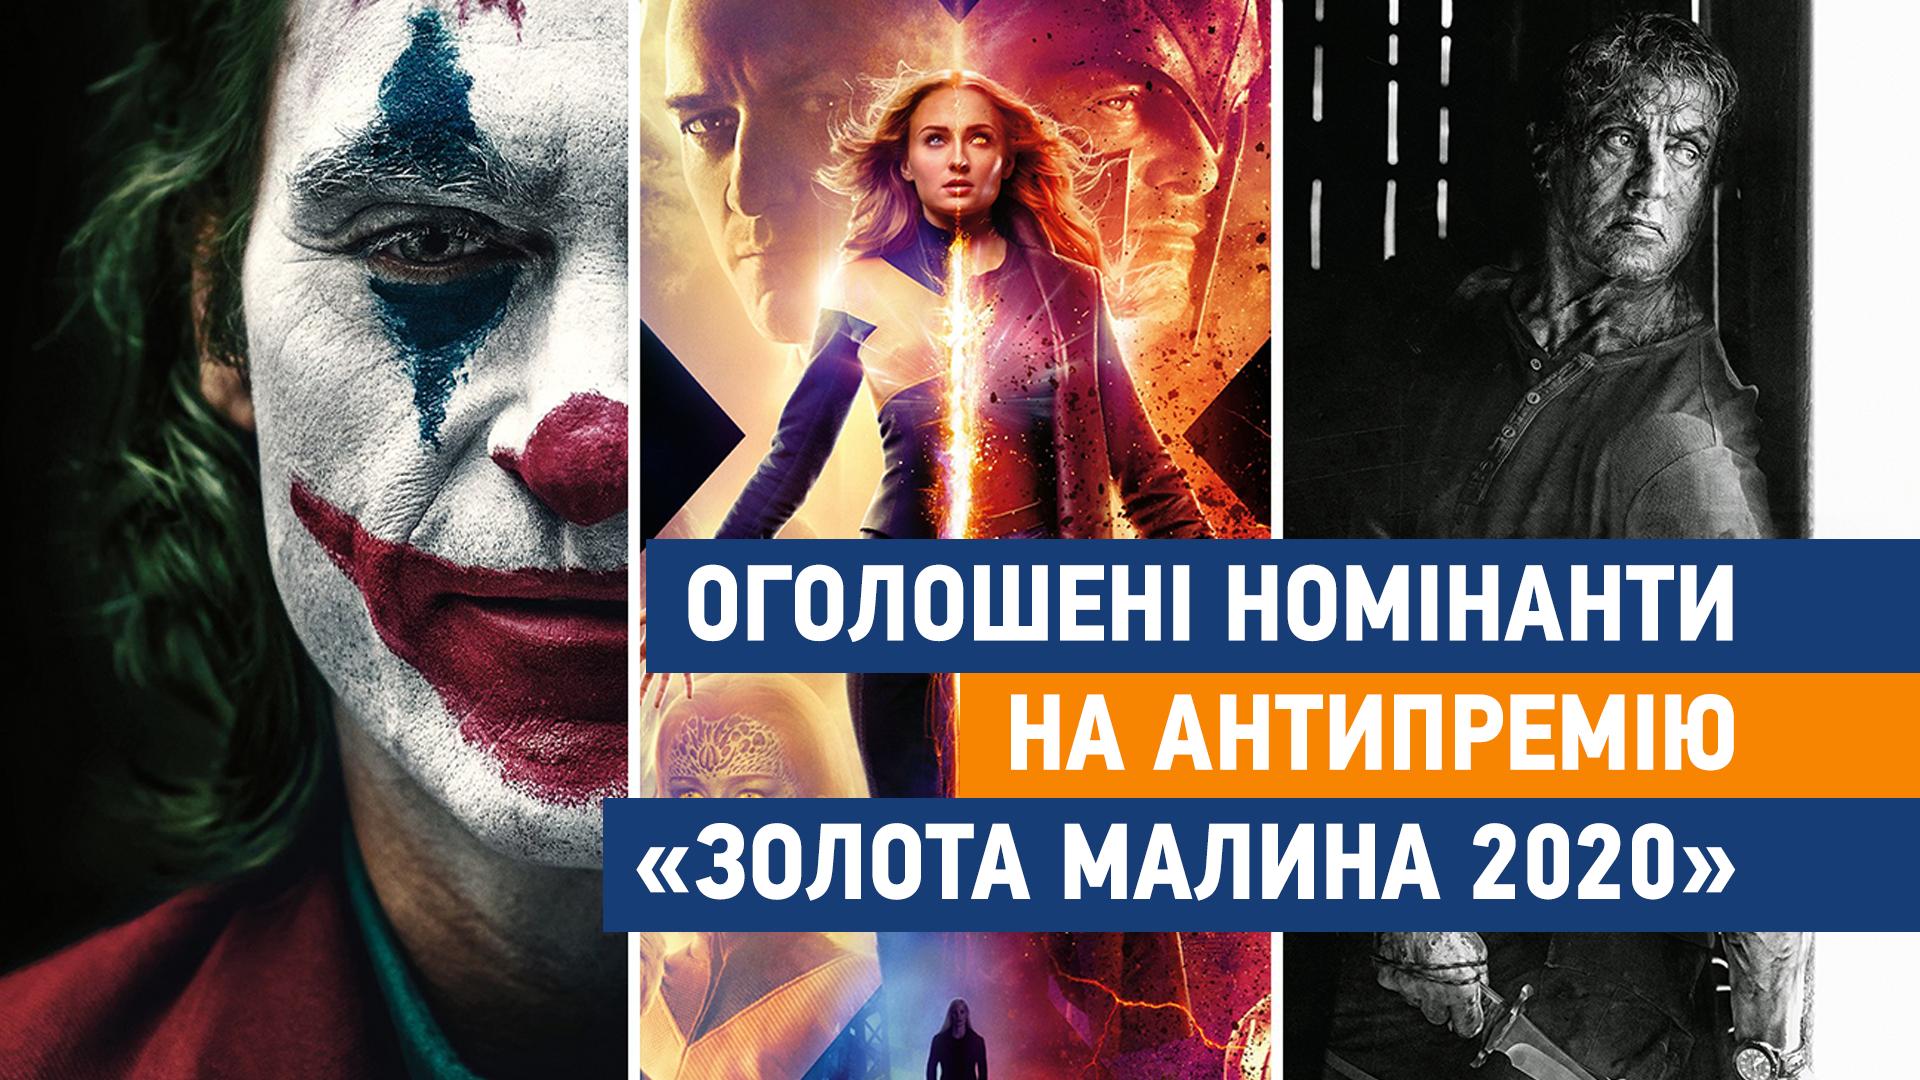 """Оголошені номінанти на антипремію «Золота малина 2020», серед них картина """"Джокер"""""""